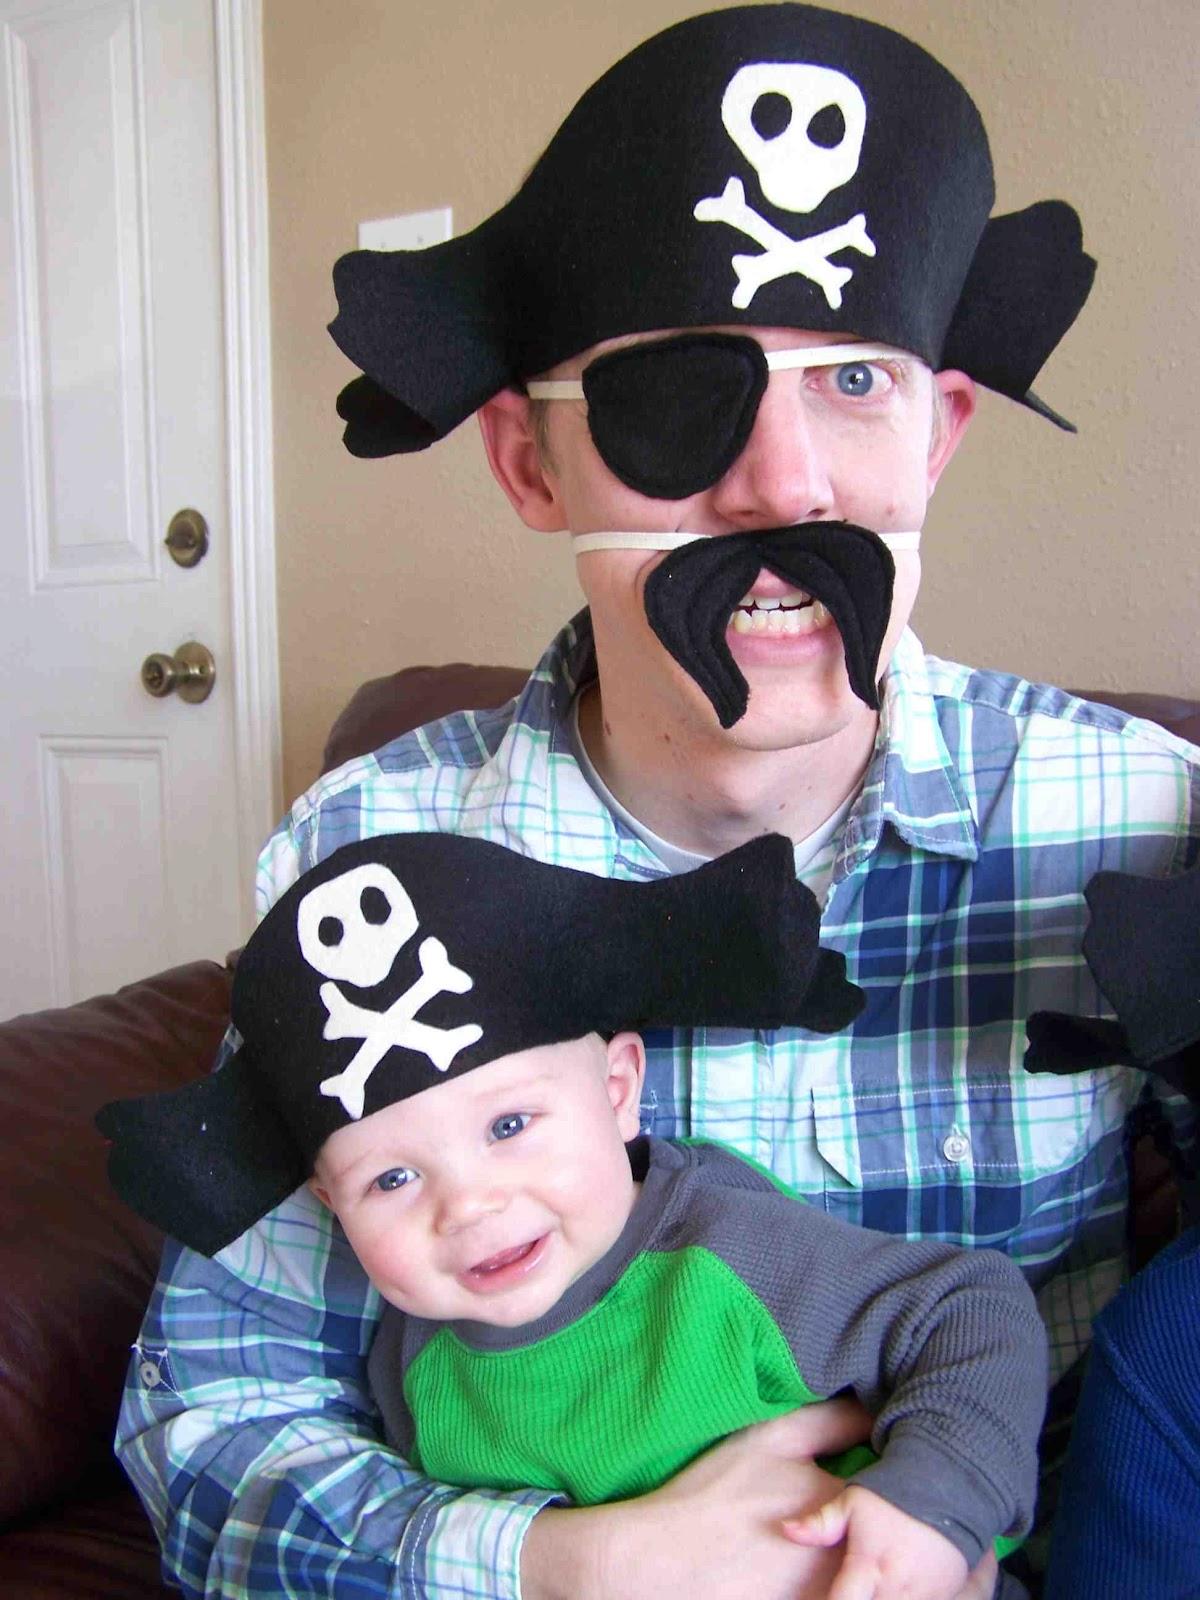 Костюм Пирата. Как сделать костюм пирата